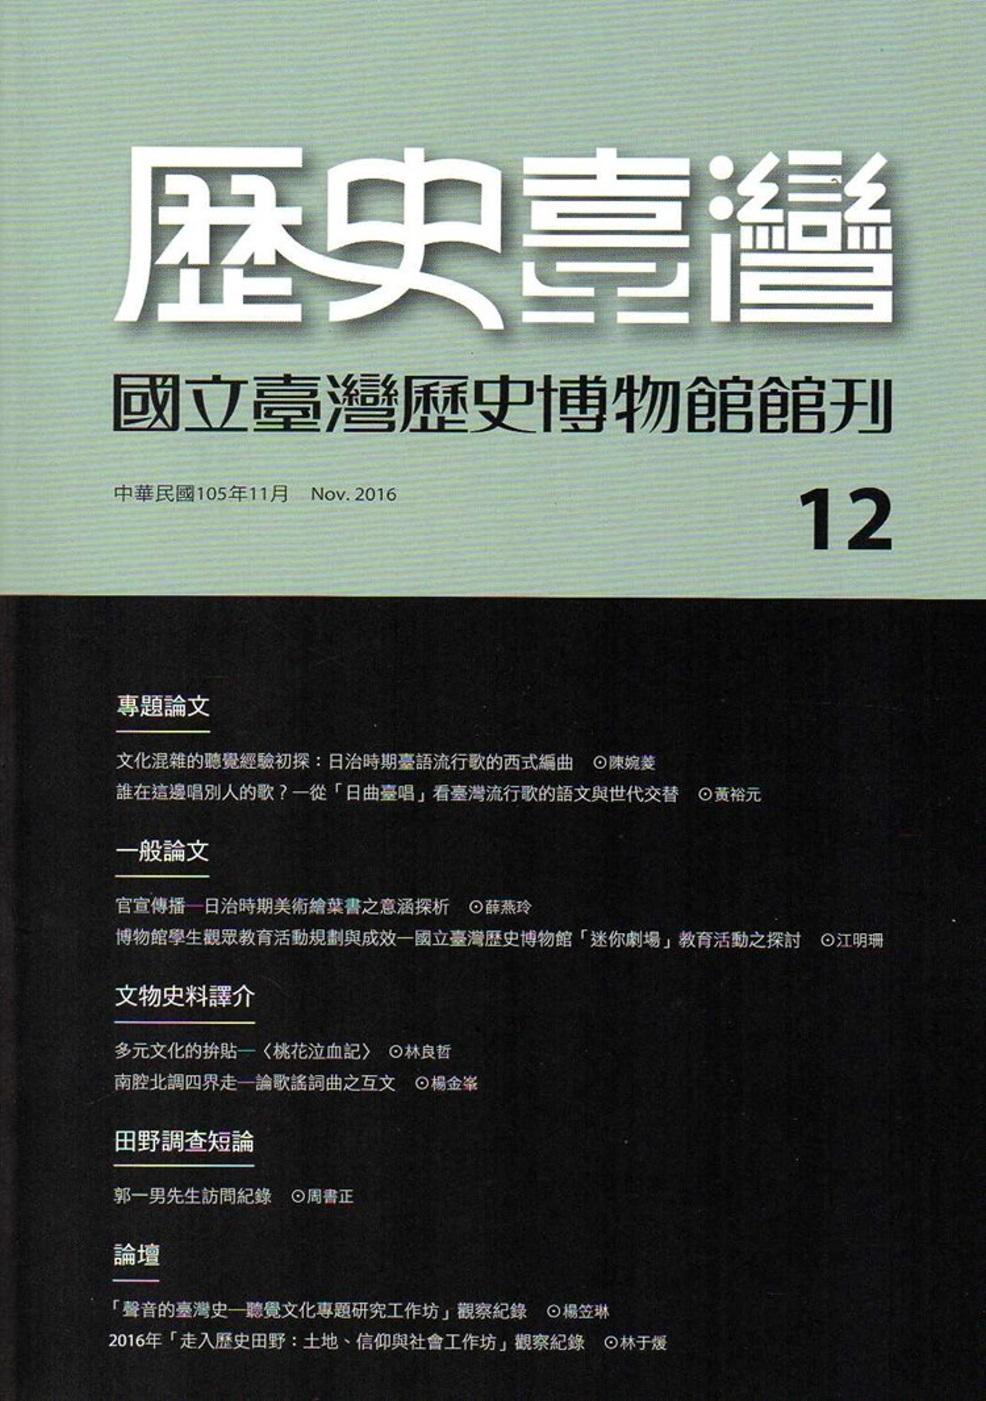 歷史臺灣-國立臺灣歷史博物館館刊第12期(105.11)